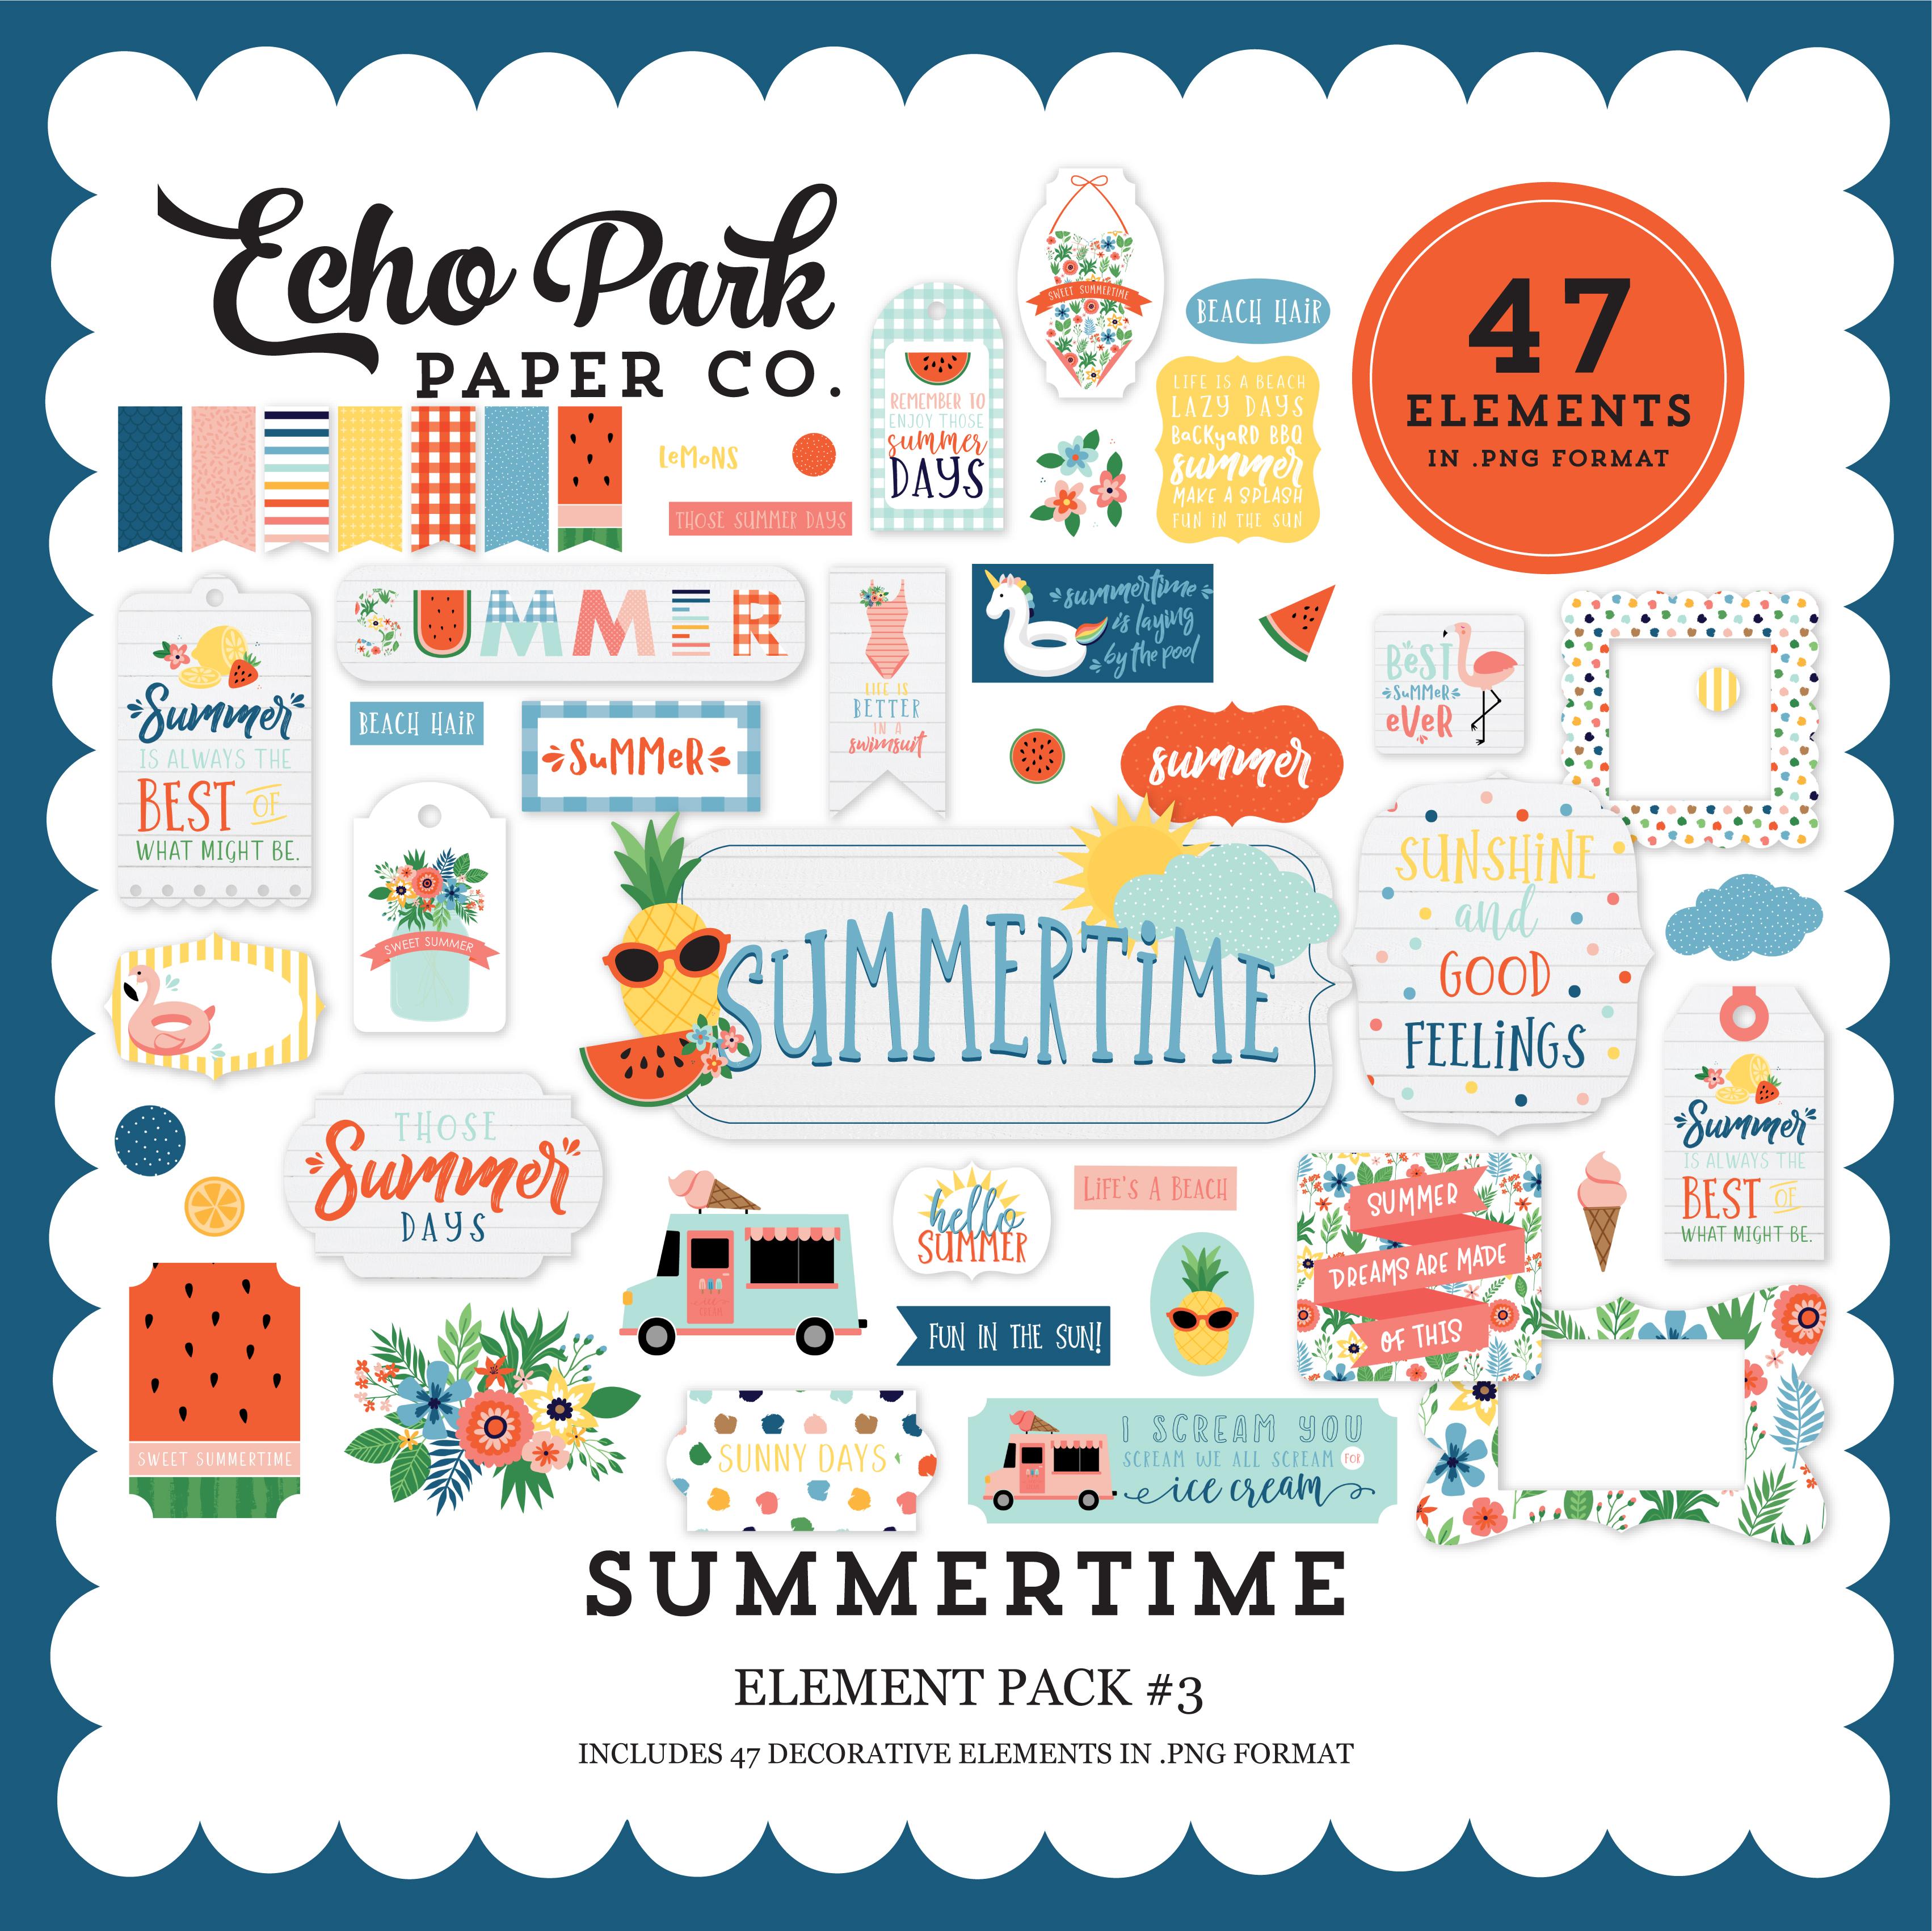 Summertime Element Pack #3